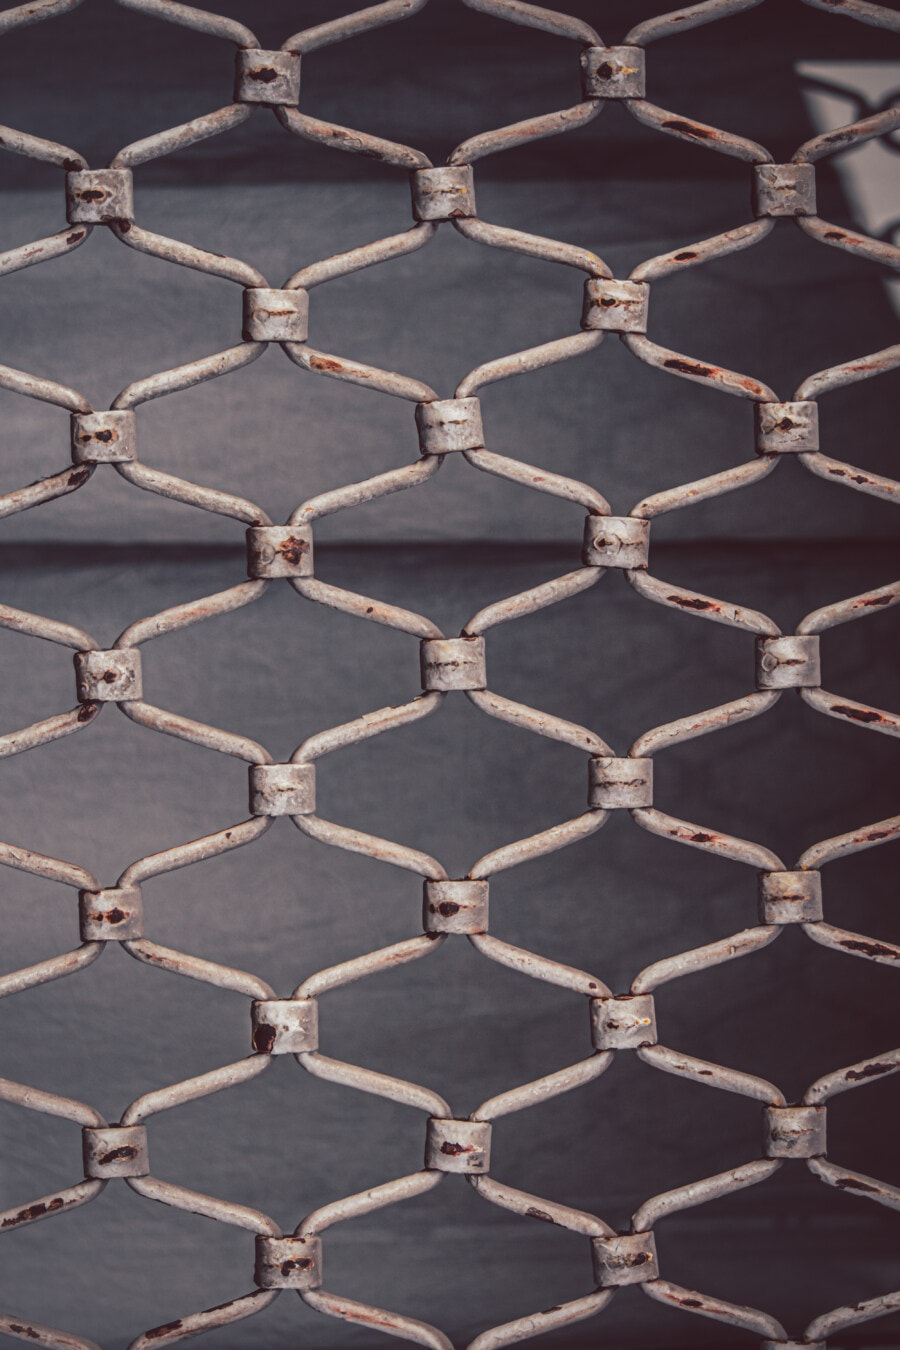 Zaun, weiß, Textur, Metall, Rost, vertikale, Raster, Muster, Stahl, Eisen